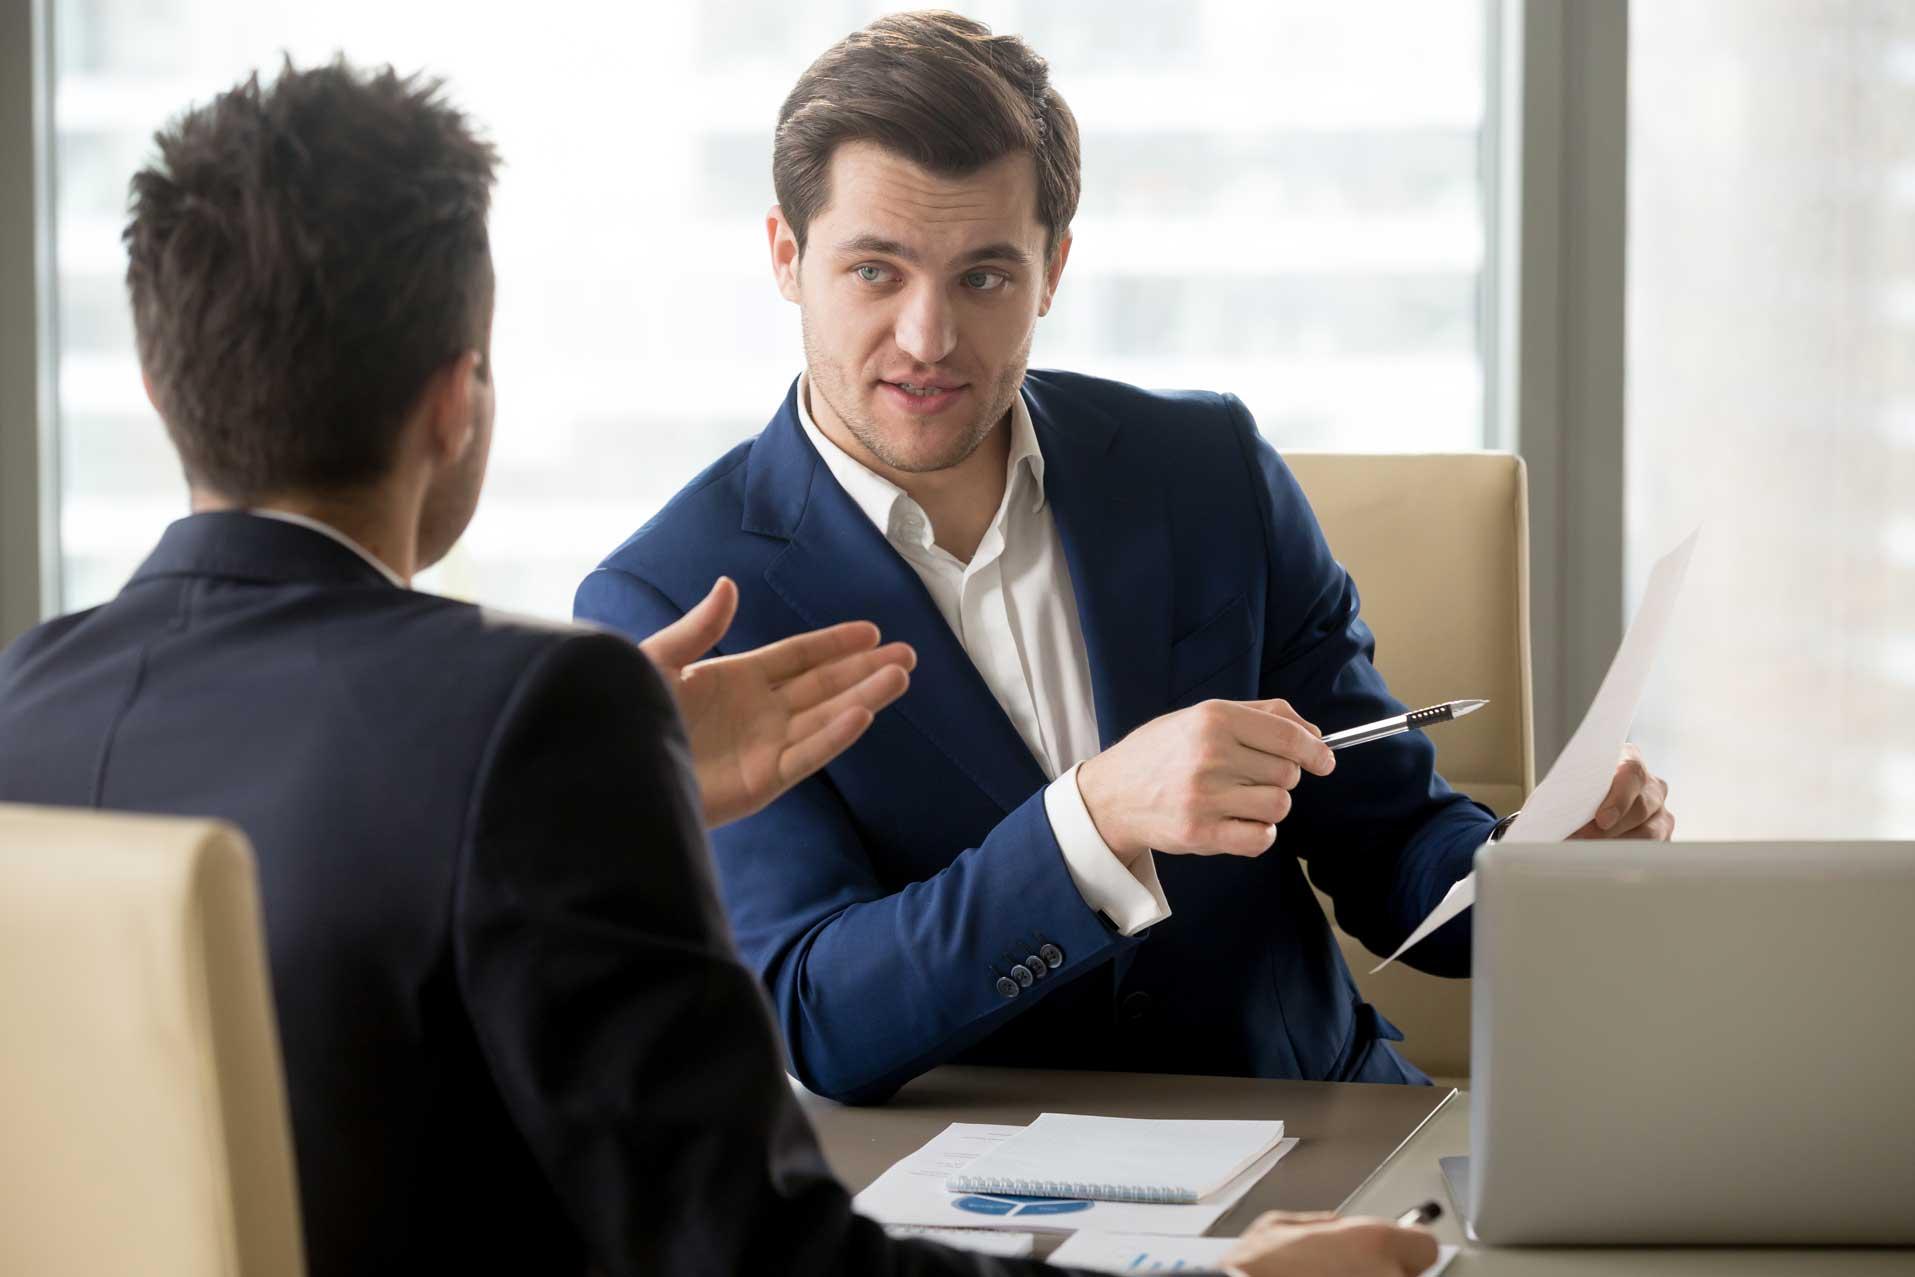 Ein junger Bewerber sitzt im Vortsellungsgespräch und stellt dem Personaler gegenüber eine interessante Rückfrage.